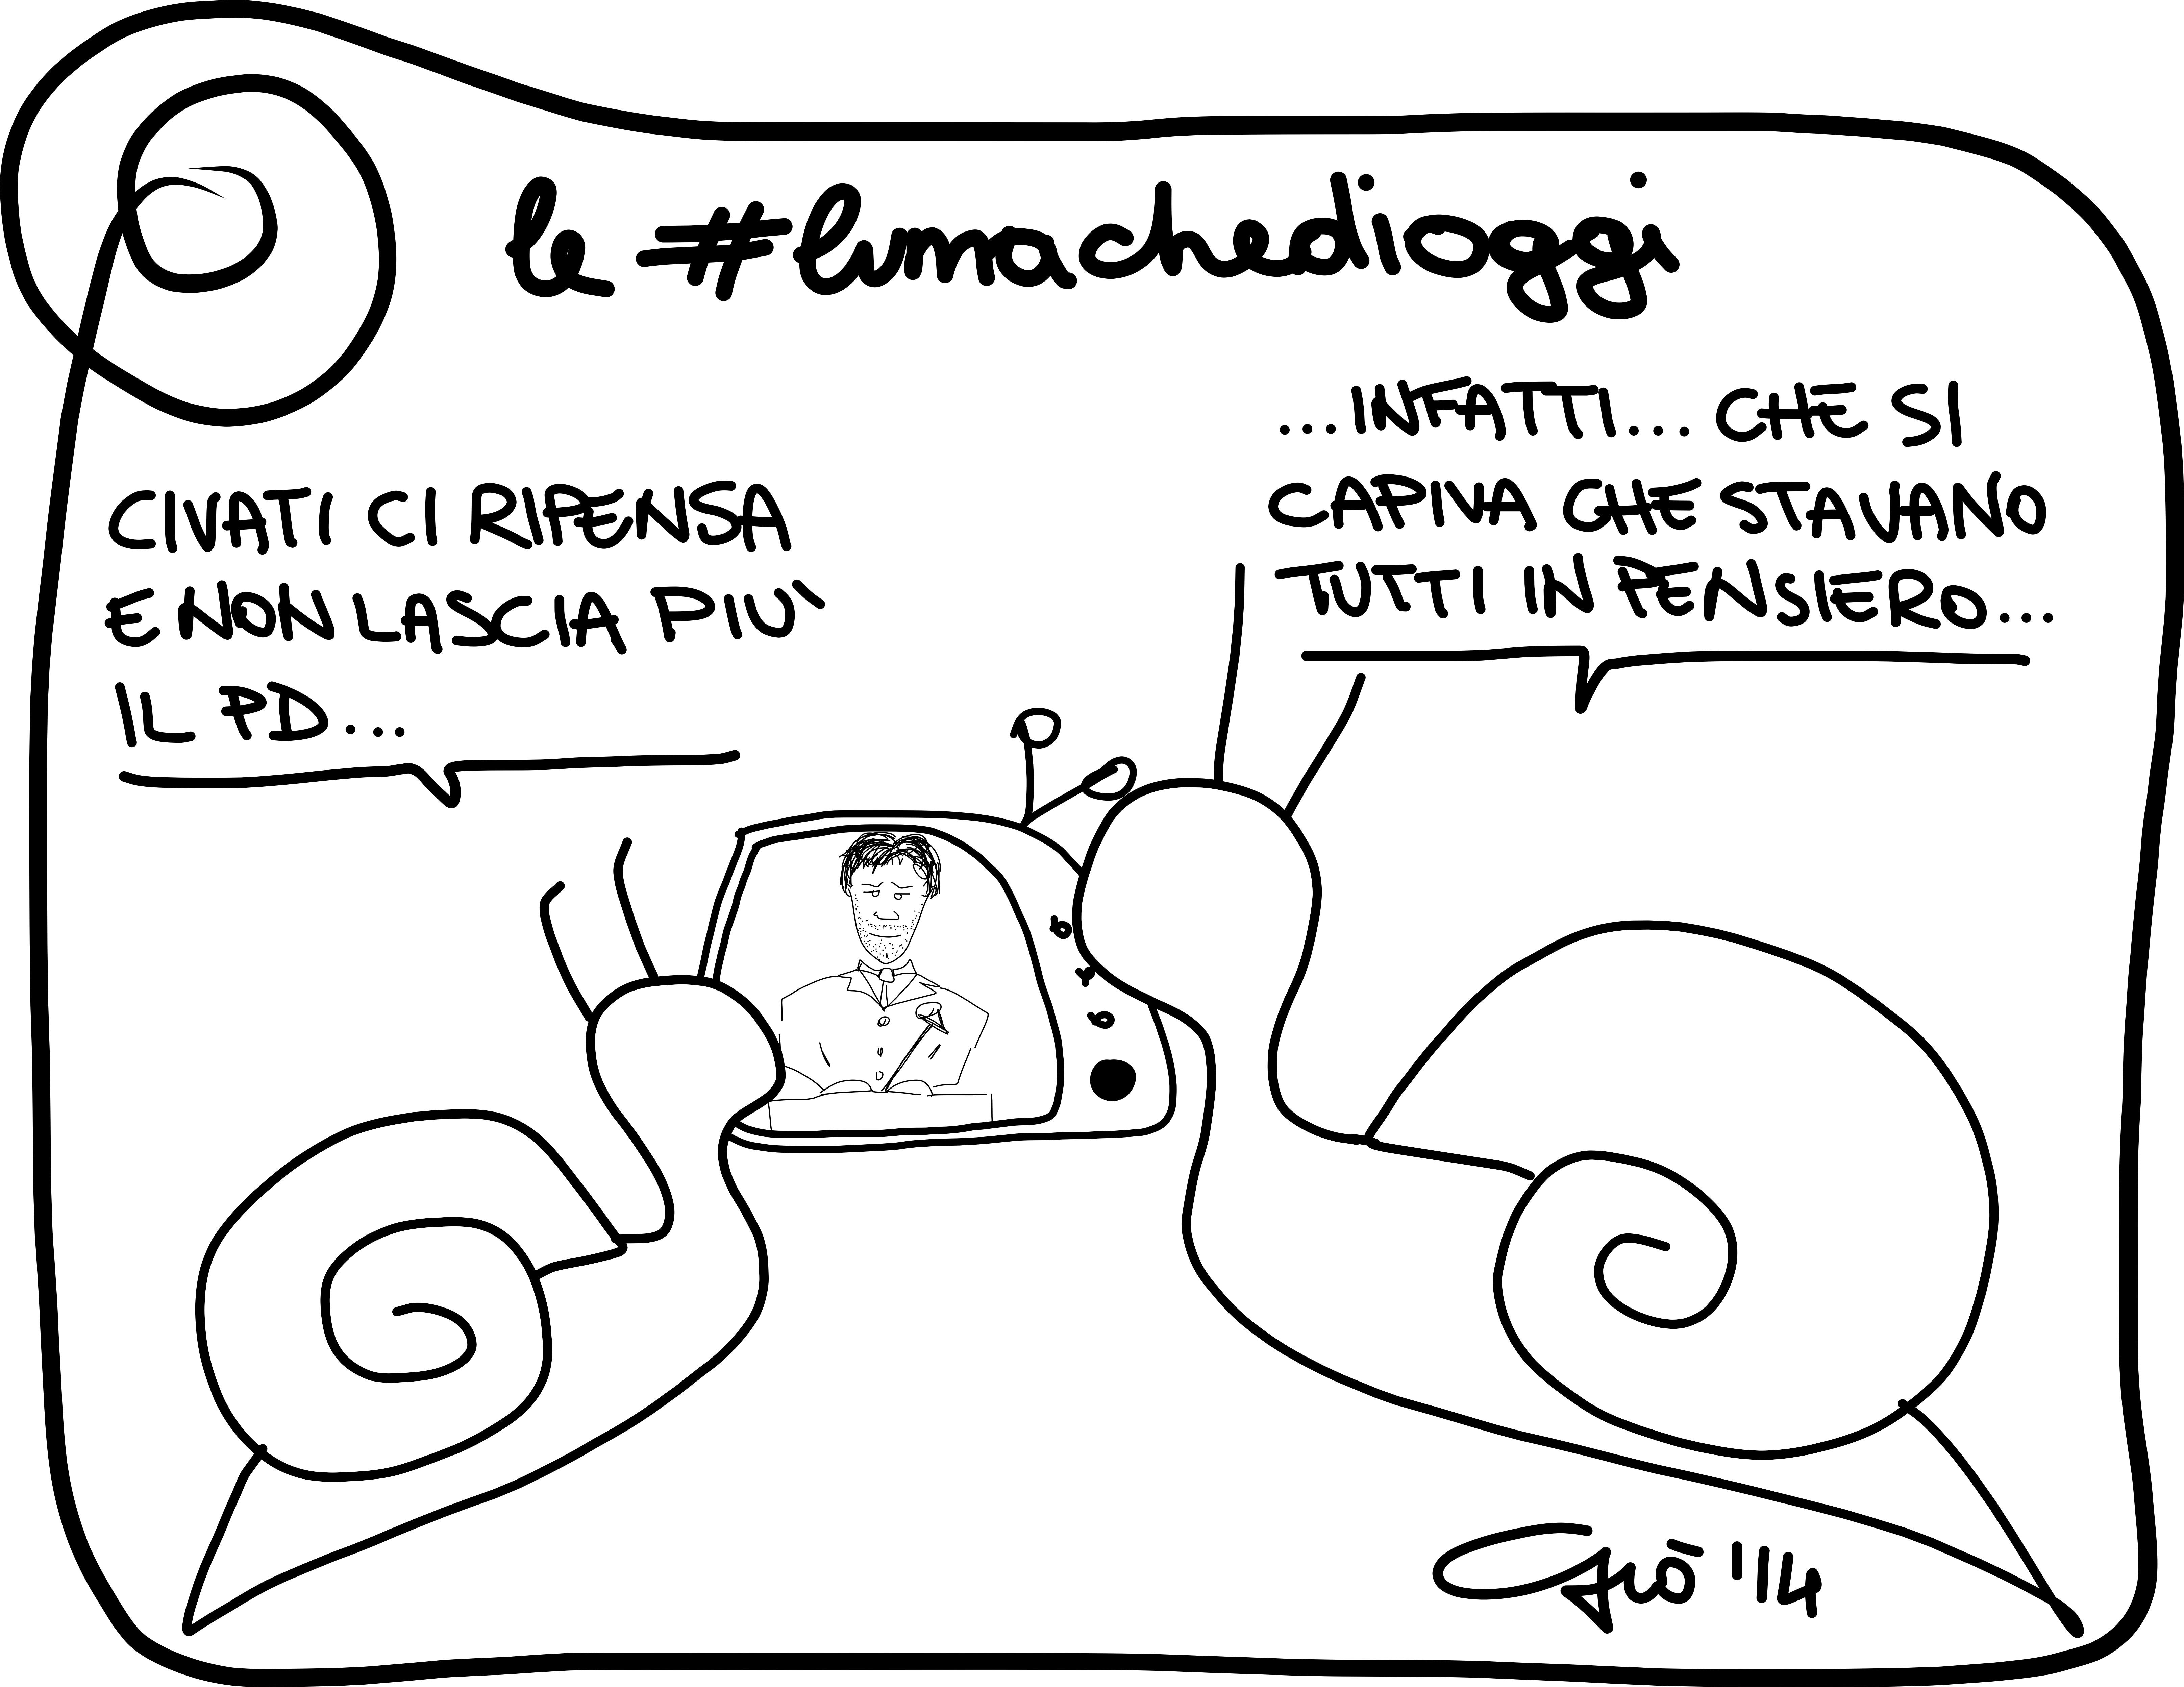 #lumachedioggi di Giovanni Laccetti del 24.2.2014